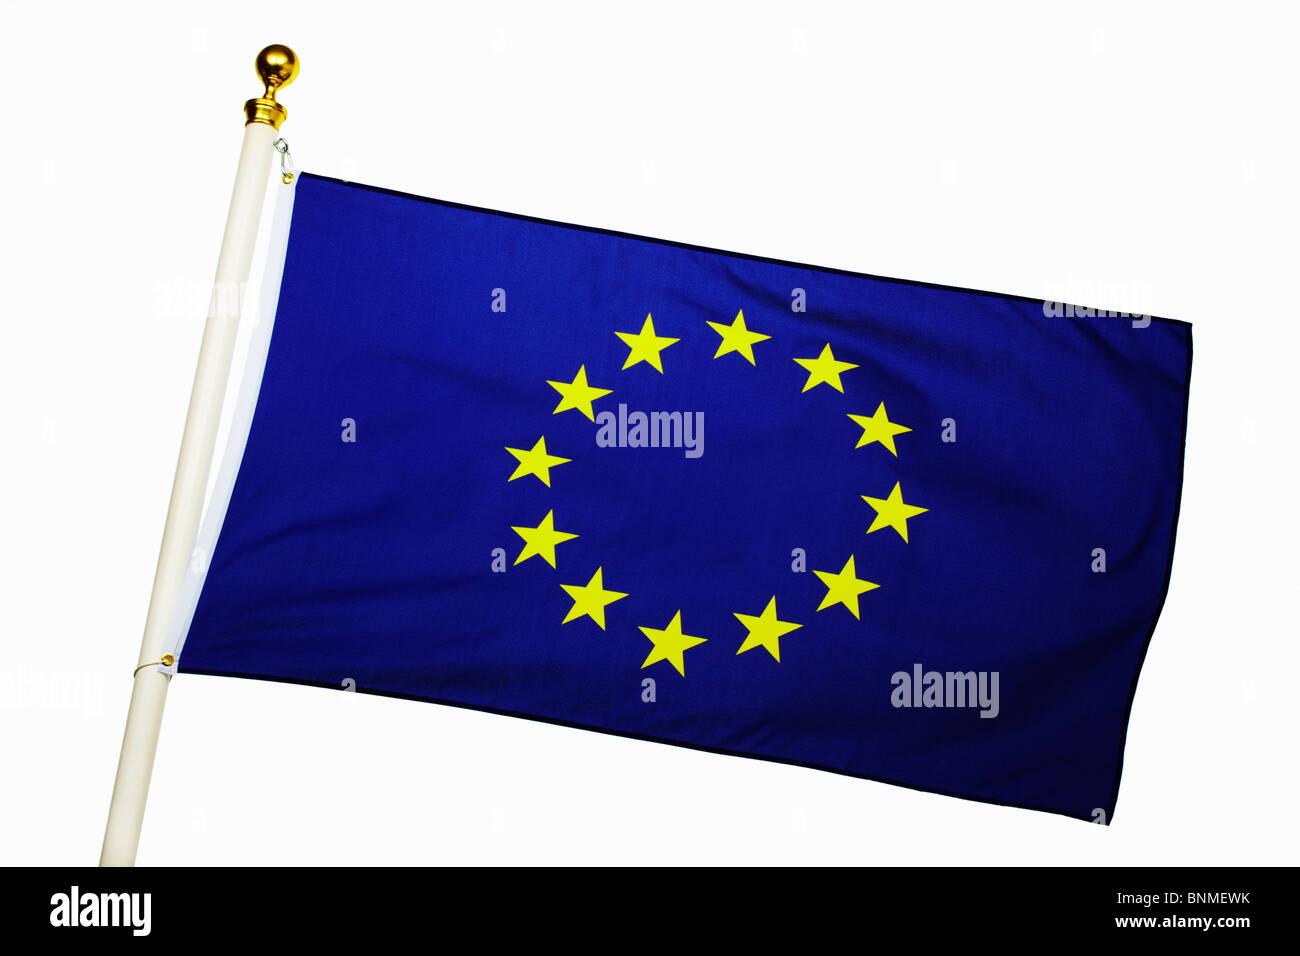 Flagge der Europäischen Union Stockbild